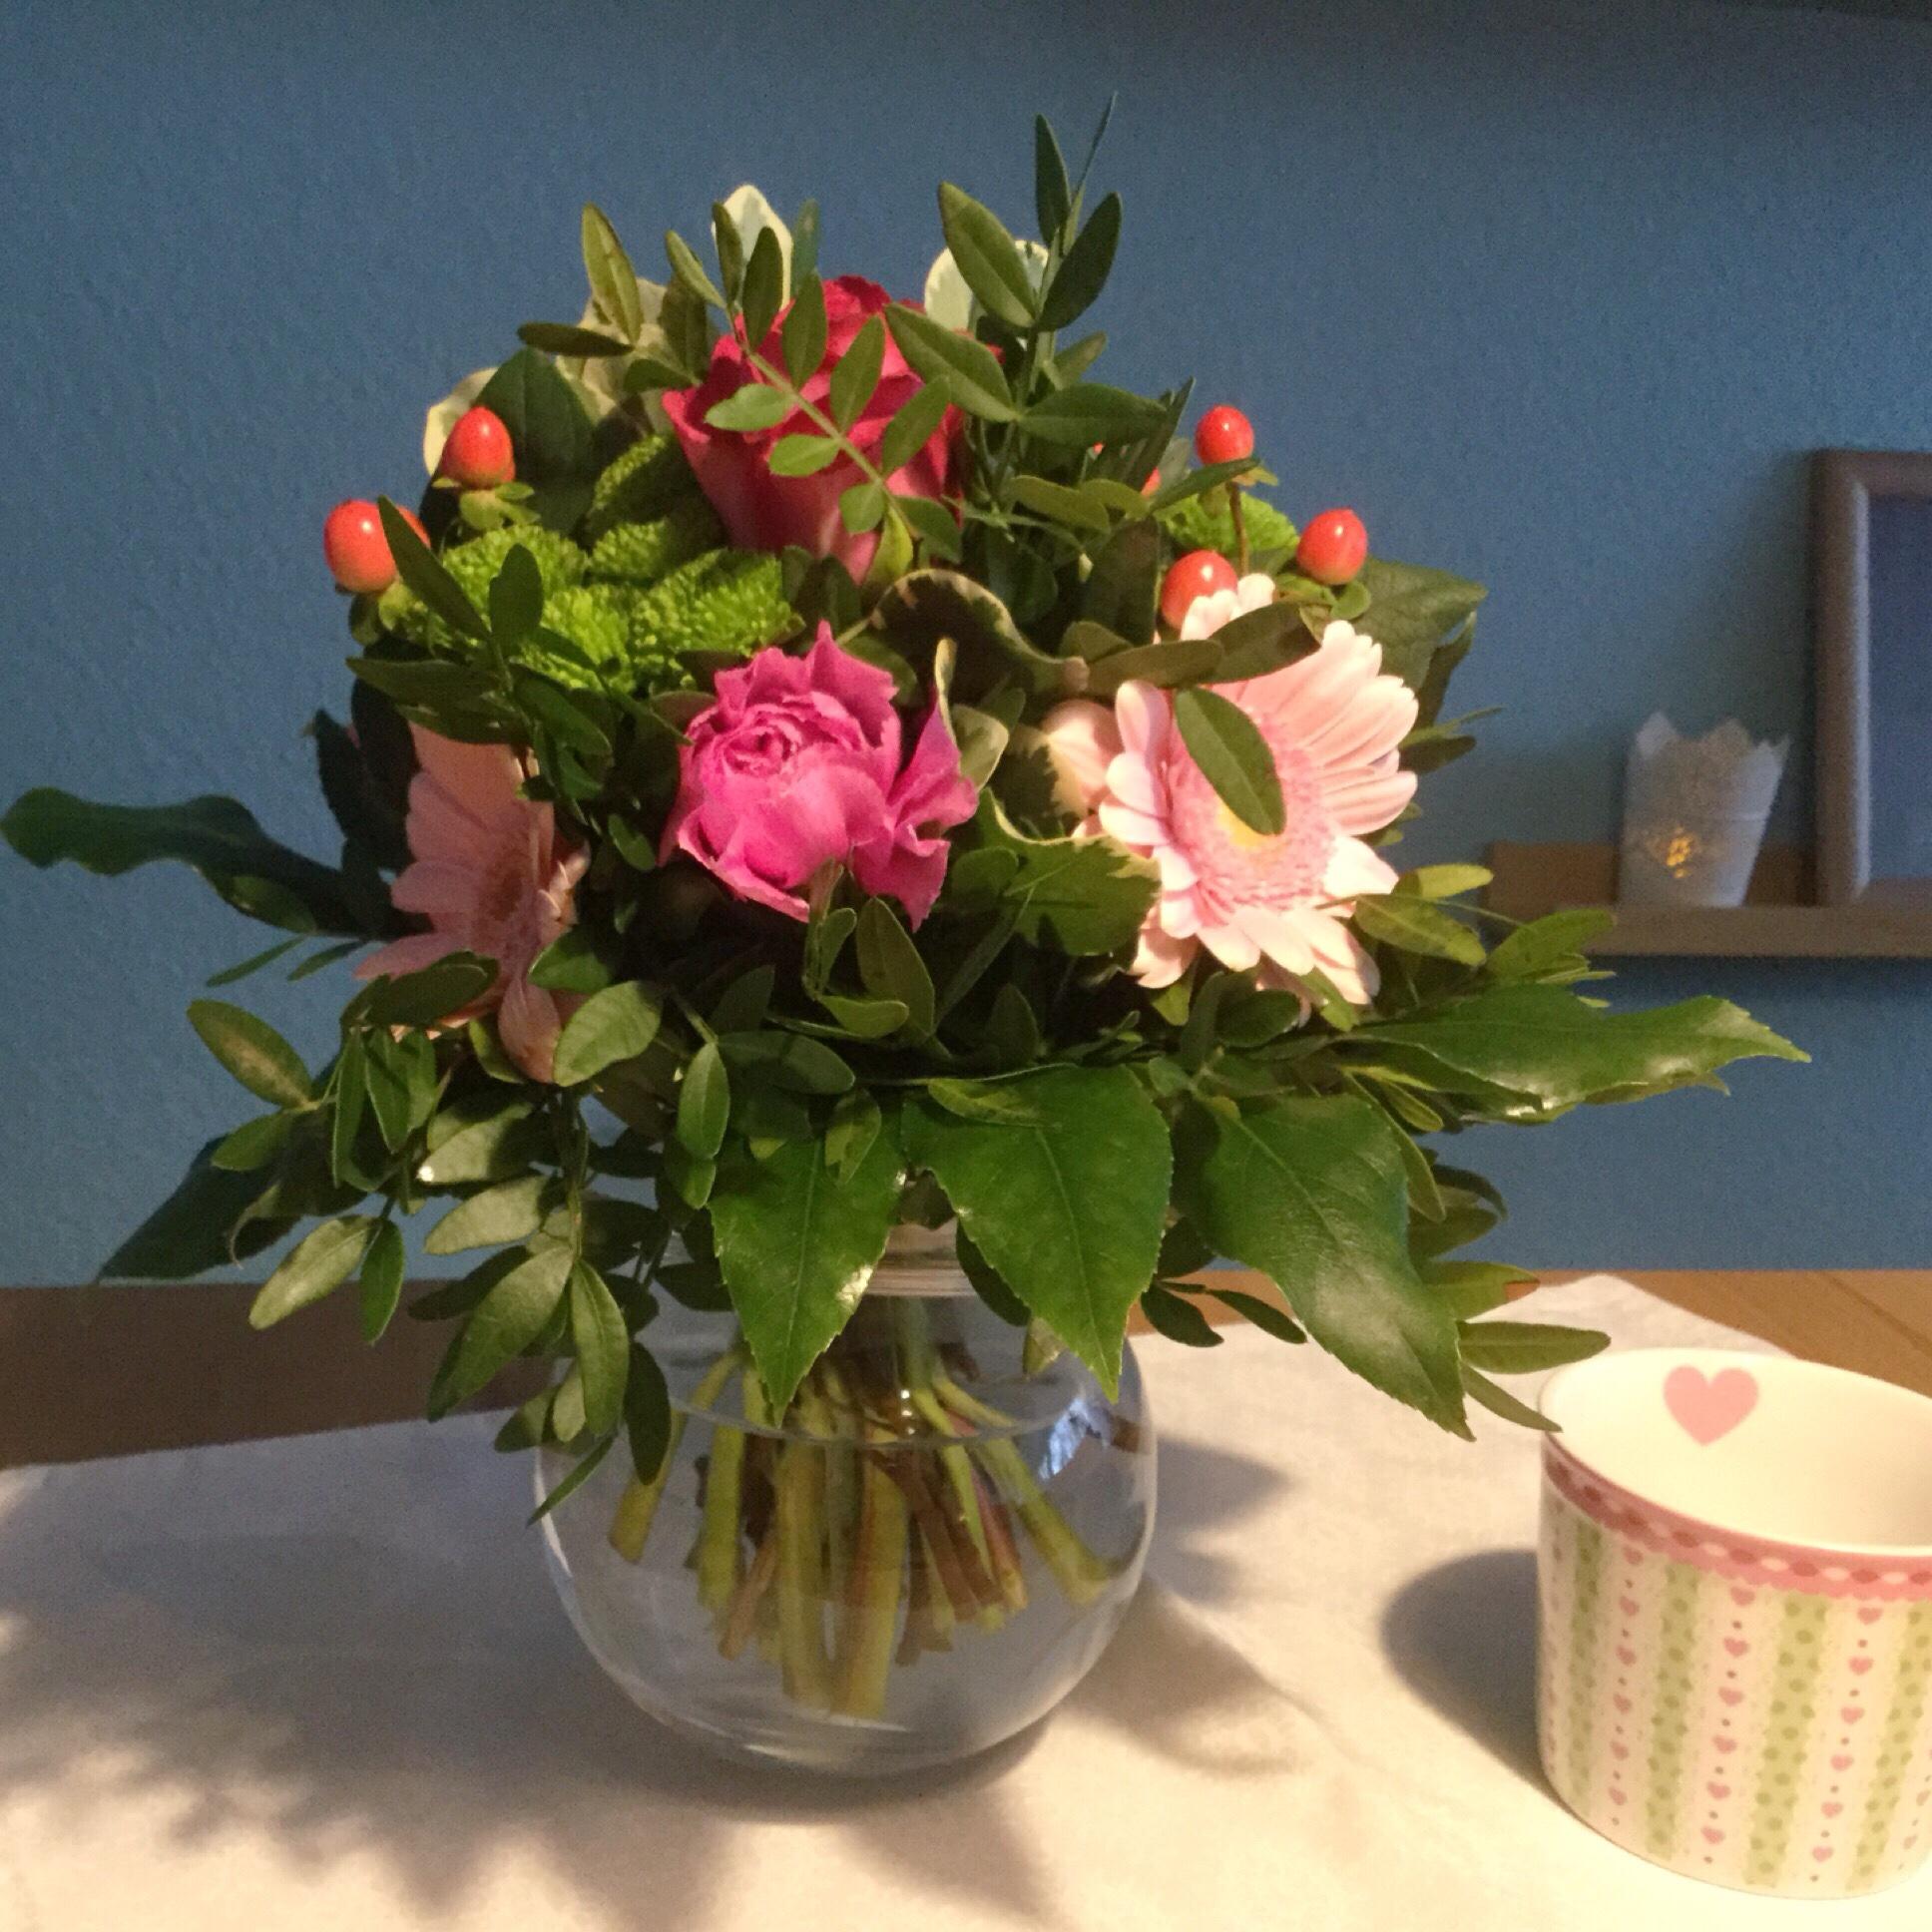 Friday-Flowerday – oder – Rosa und Grün verabschieden die Weihnachtszeit